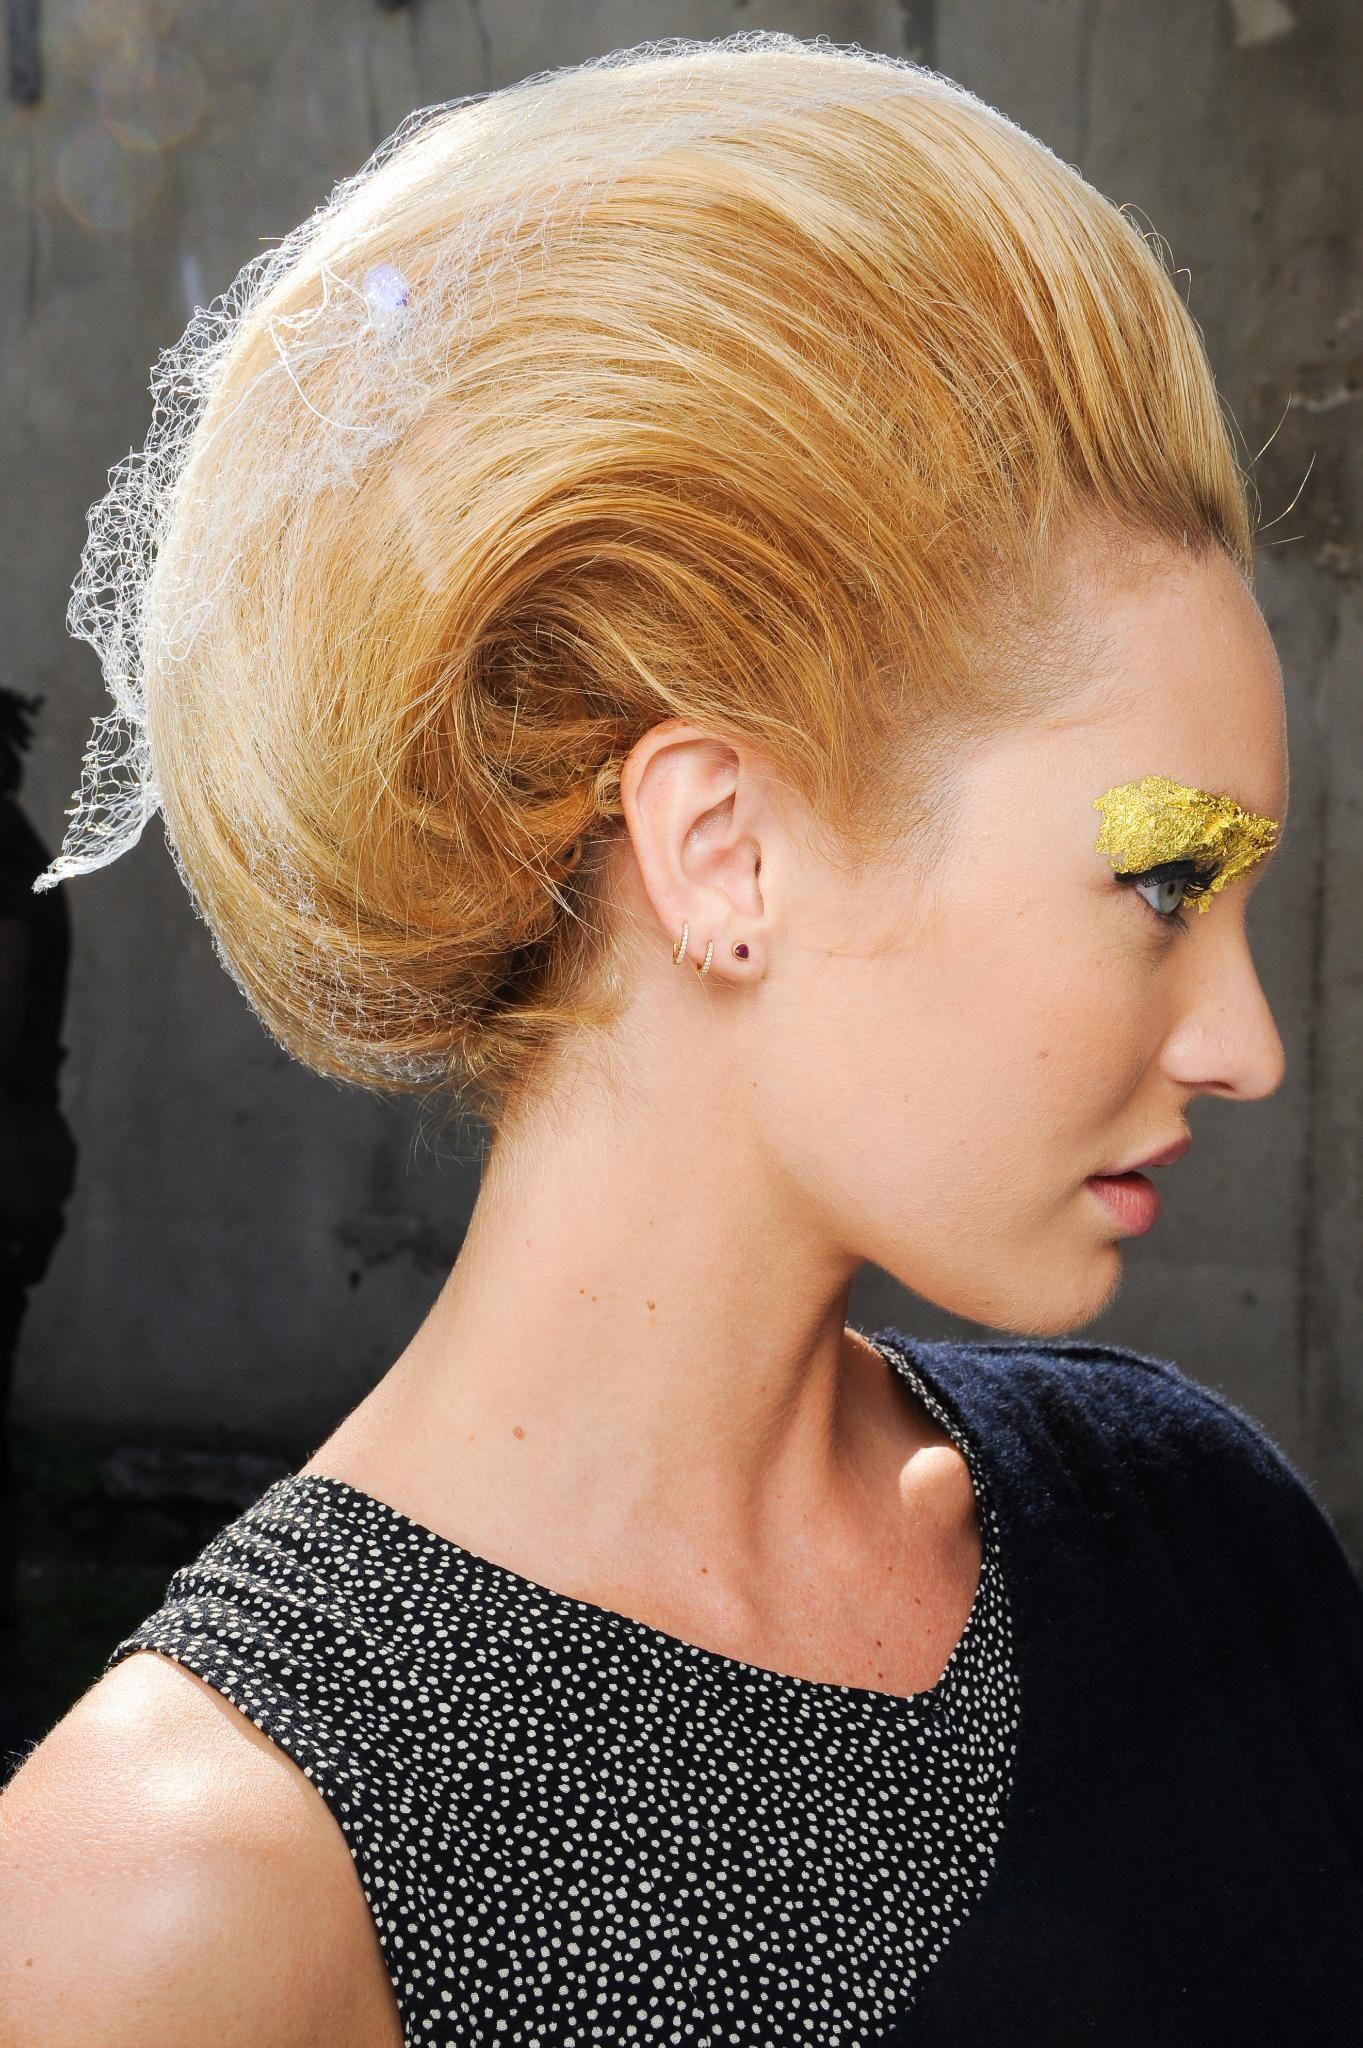 Vista de perfil de cabello rubio anaranjado peinado hacia atrás con mucho volumen